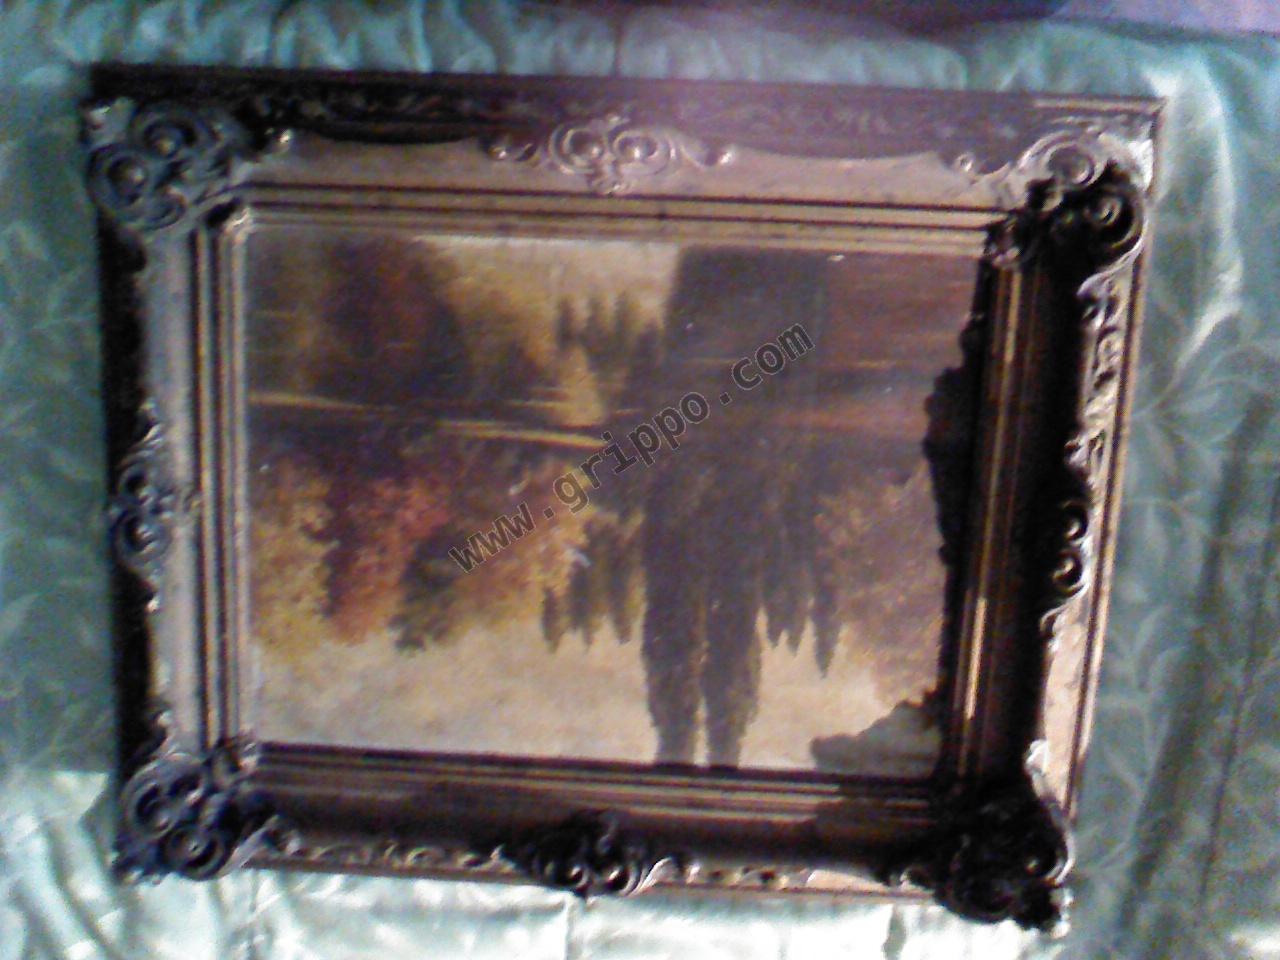 Vendo cuadros antiguos frances para restaurar escucho - Vendo muebles antiguos para restaurar ...